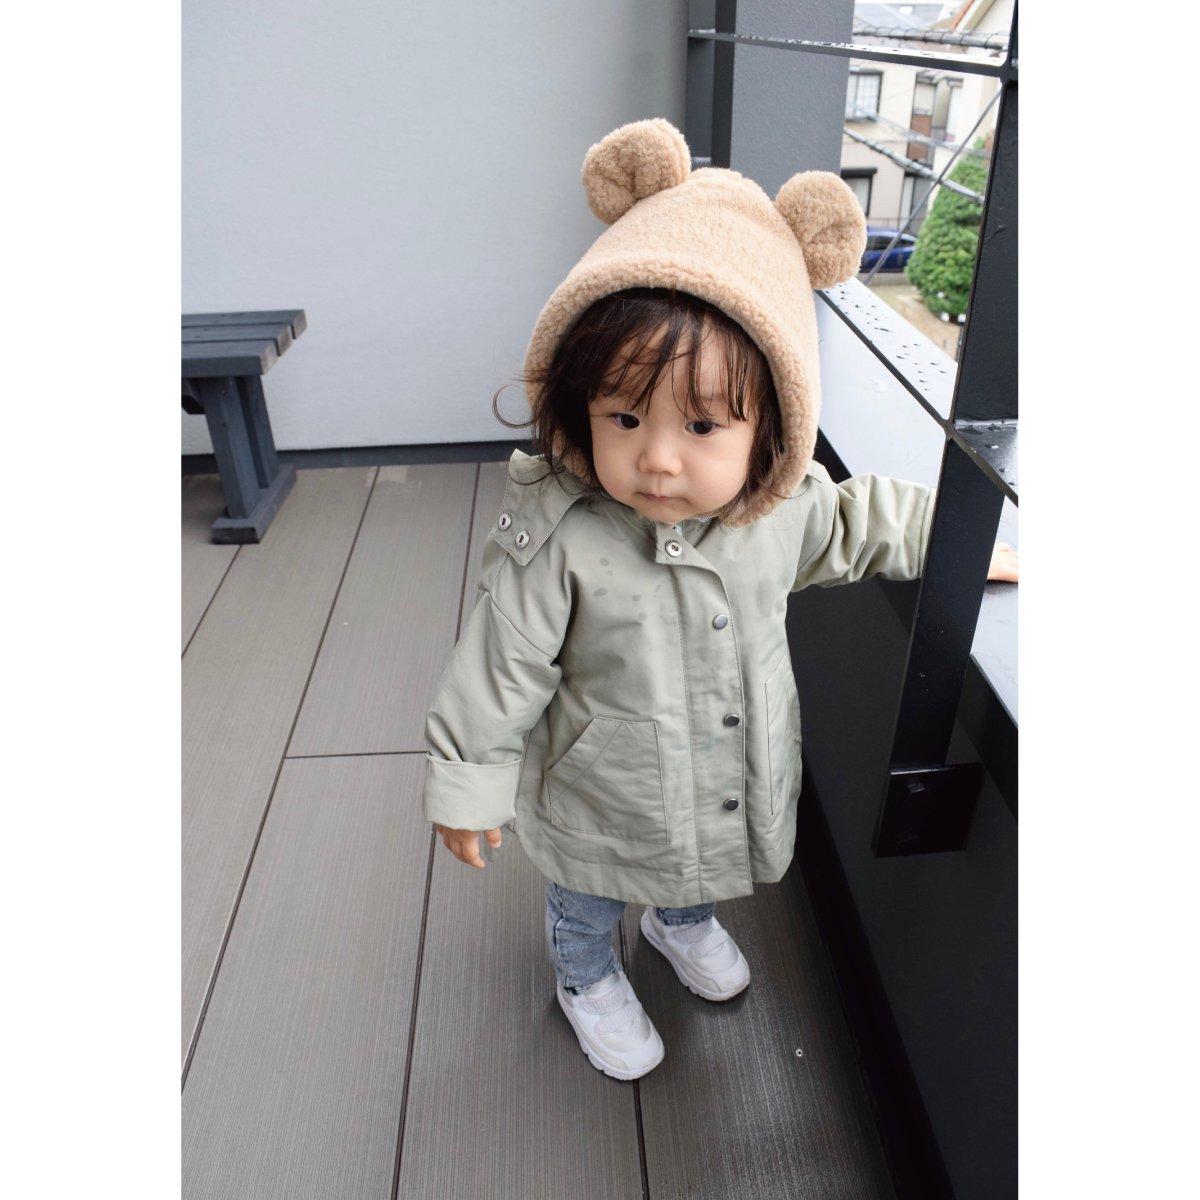 【BABY】Fuwa Kuma Puton 詳細画像7